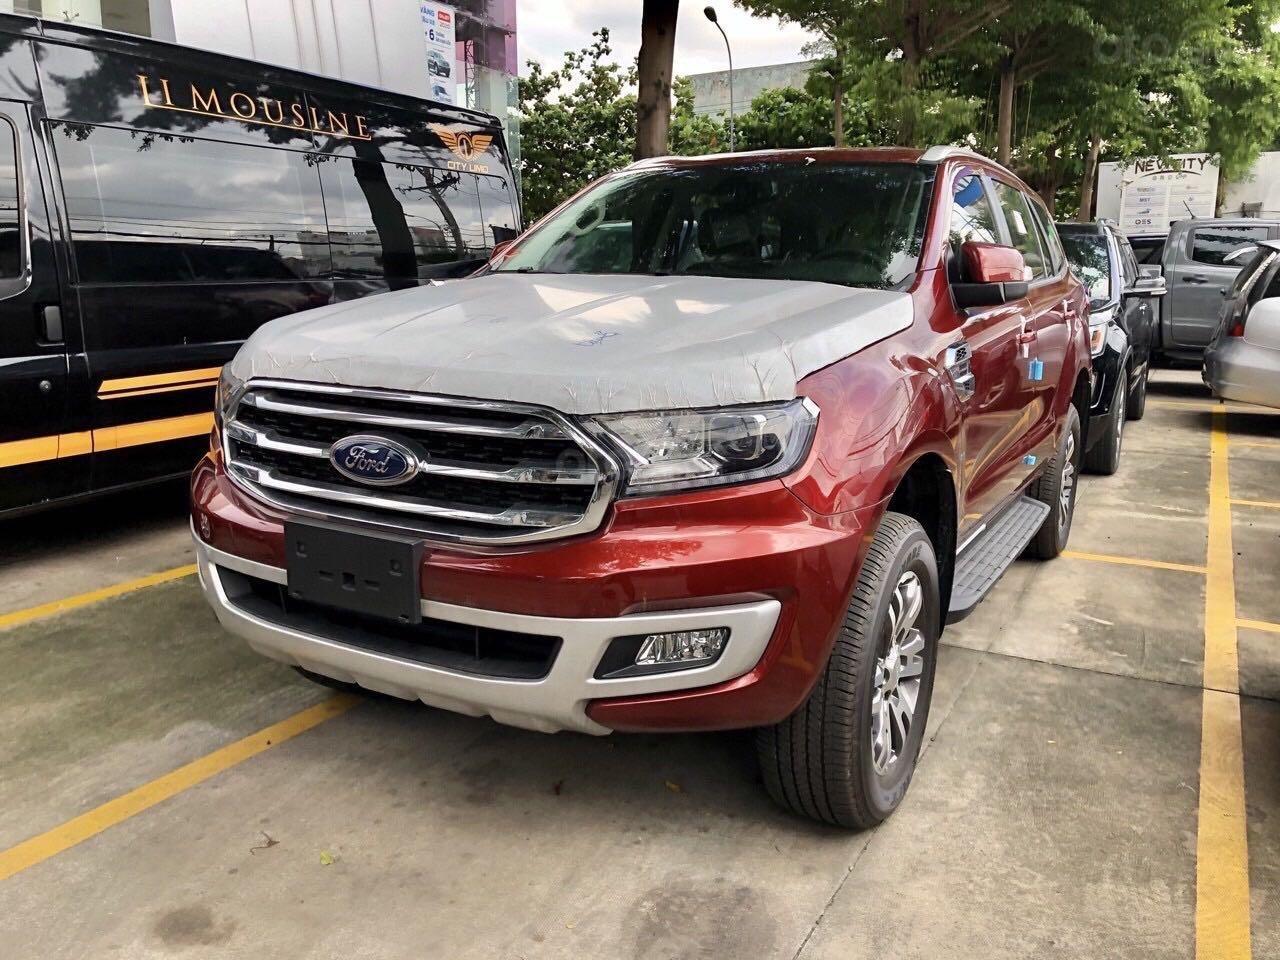 Everest Trend 2020 ưu đãi lên tới 110 triệu đồng, kèm gói phụ kiện chính hãng, hỗ trợ trả góp, xe đủ màu giao ngay (2)